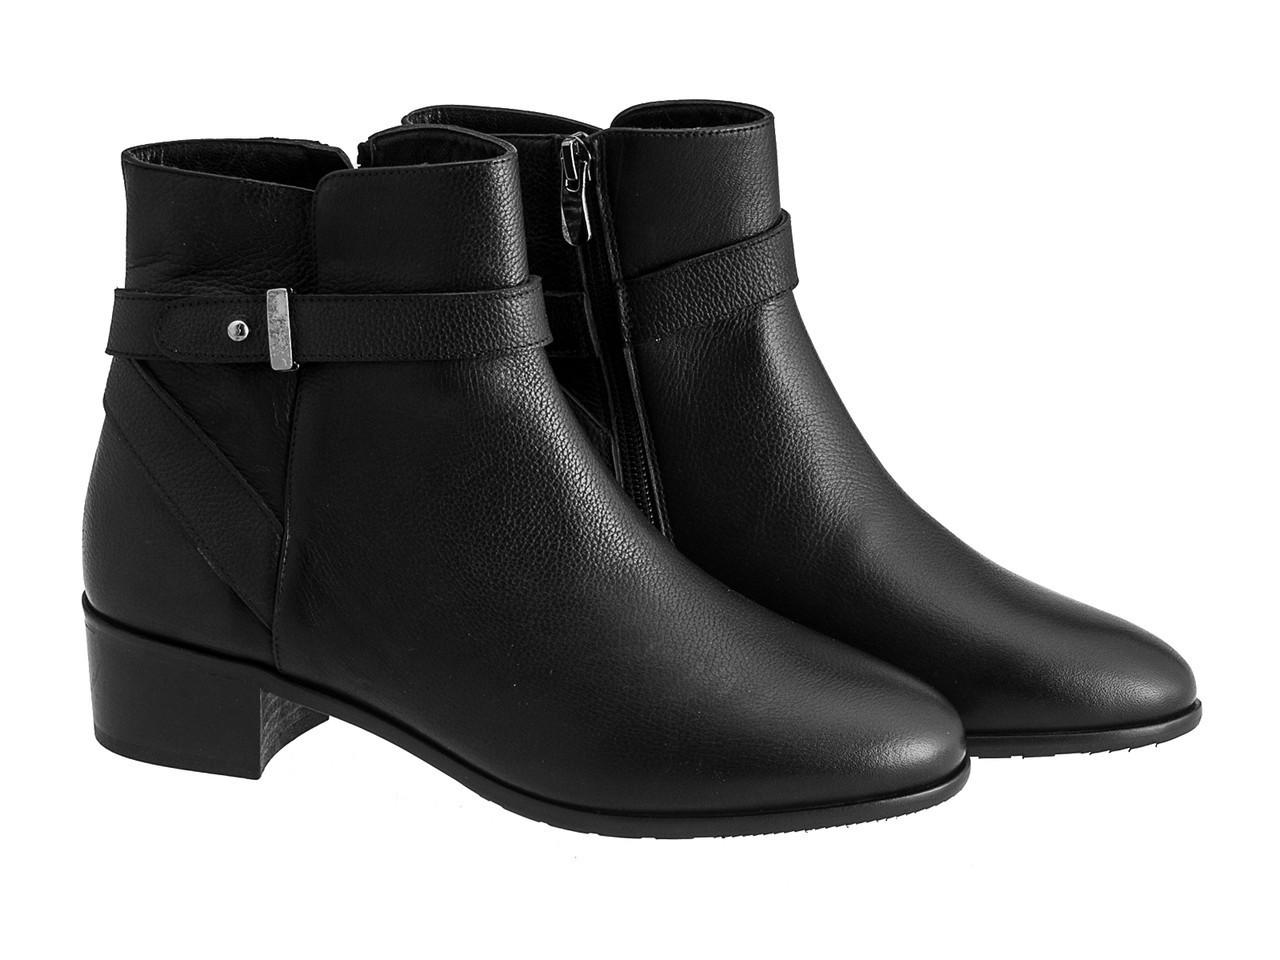 Ботинки Etor 3586-04-3553 38 черные